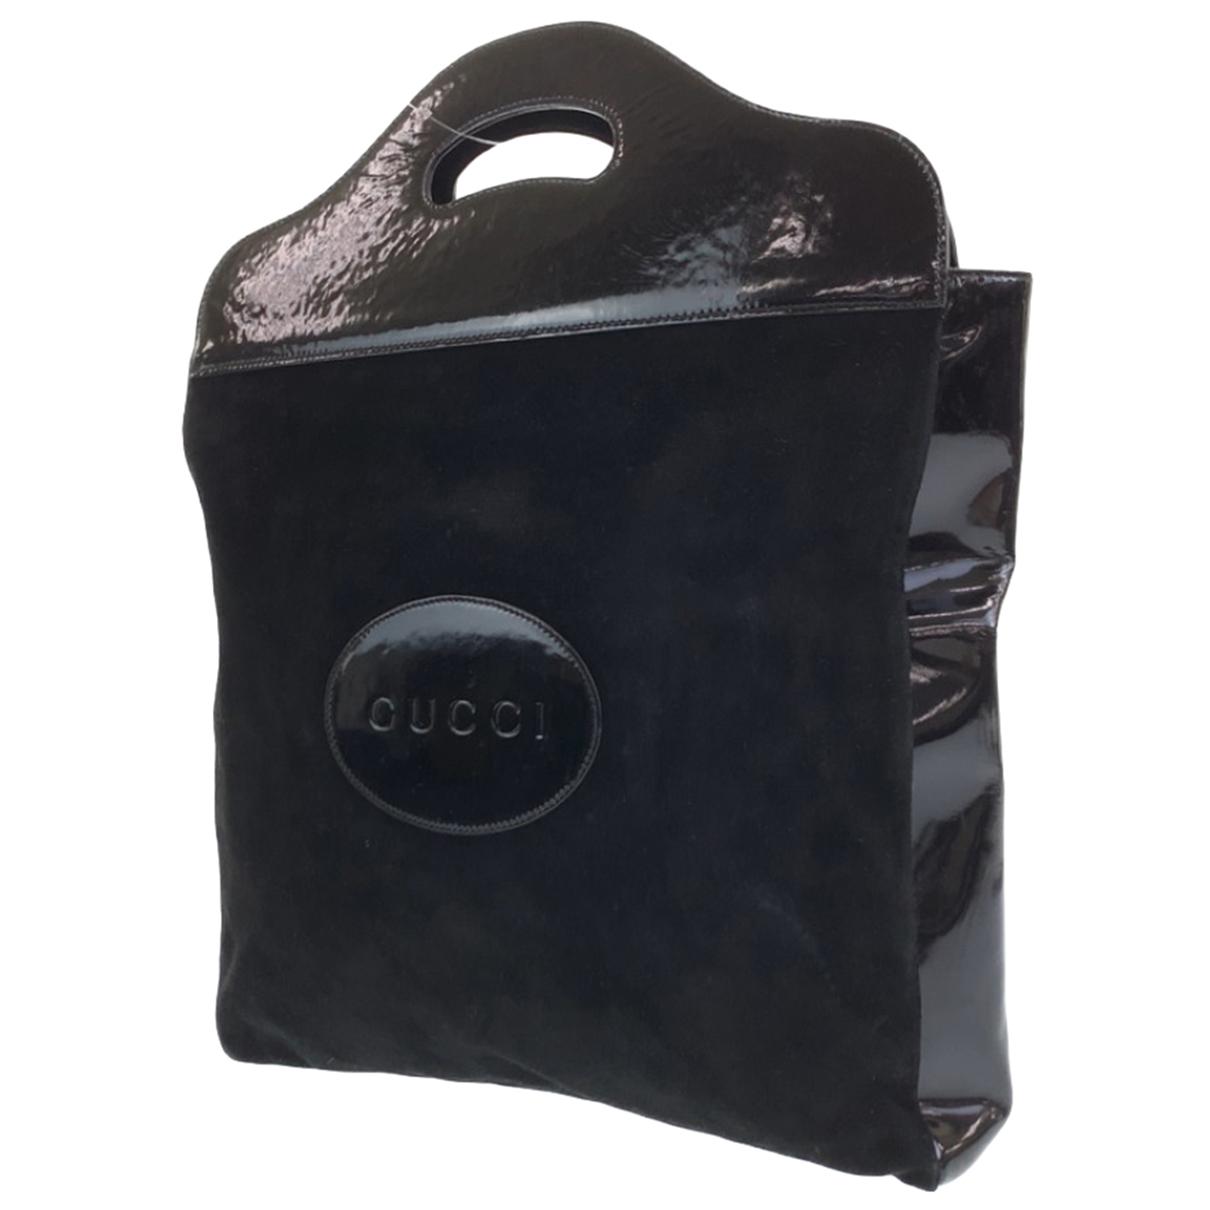 Gucci - Sac a main   pour femme en suede